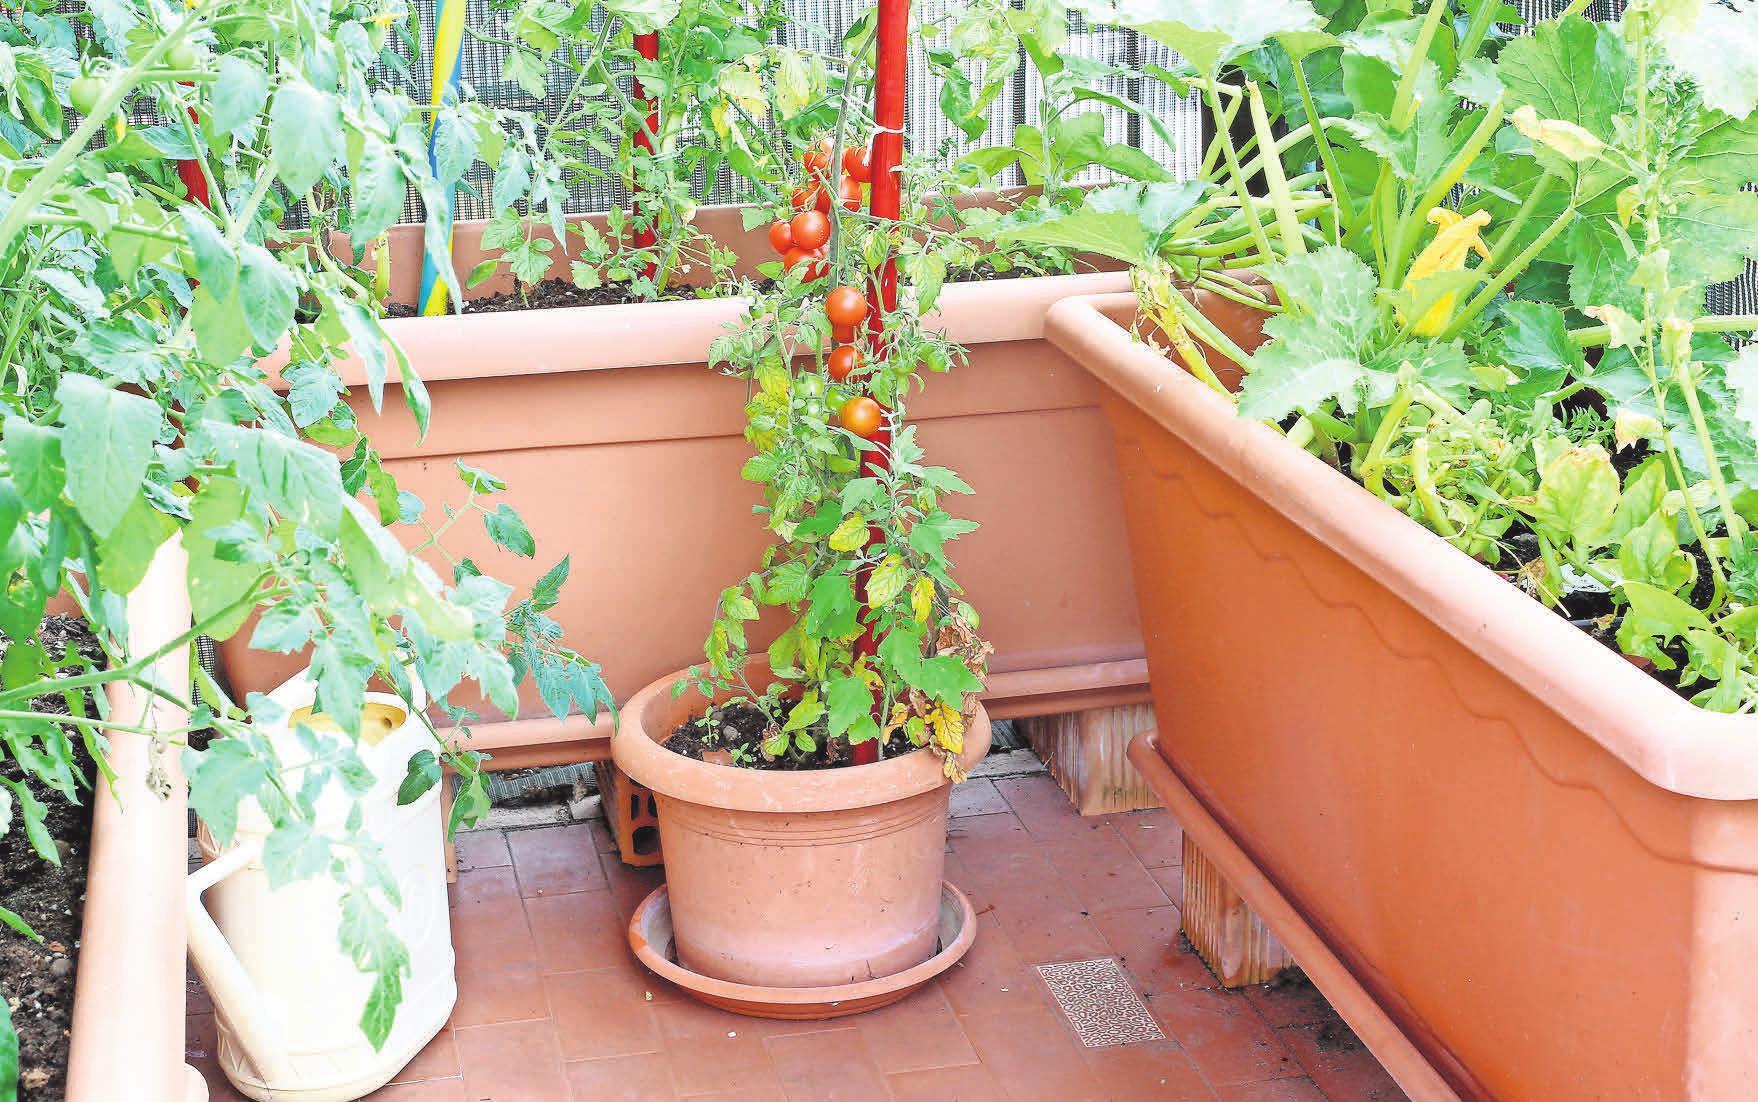 FARBENFROH: Auf einem Balkon lassen sich viele verschiedene Gemüsesorten anpflanzen. istockphoto.com/ChiccoDodiFC